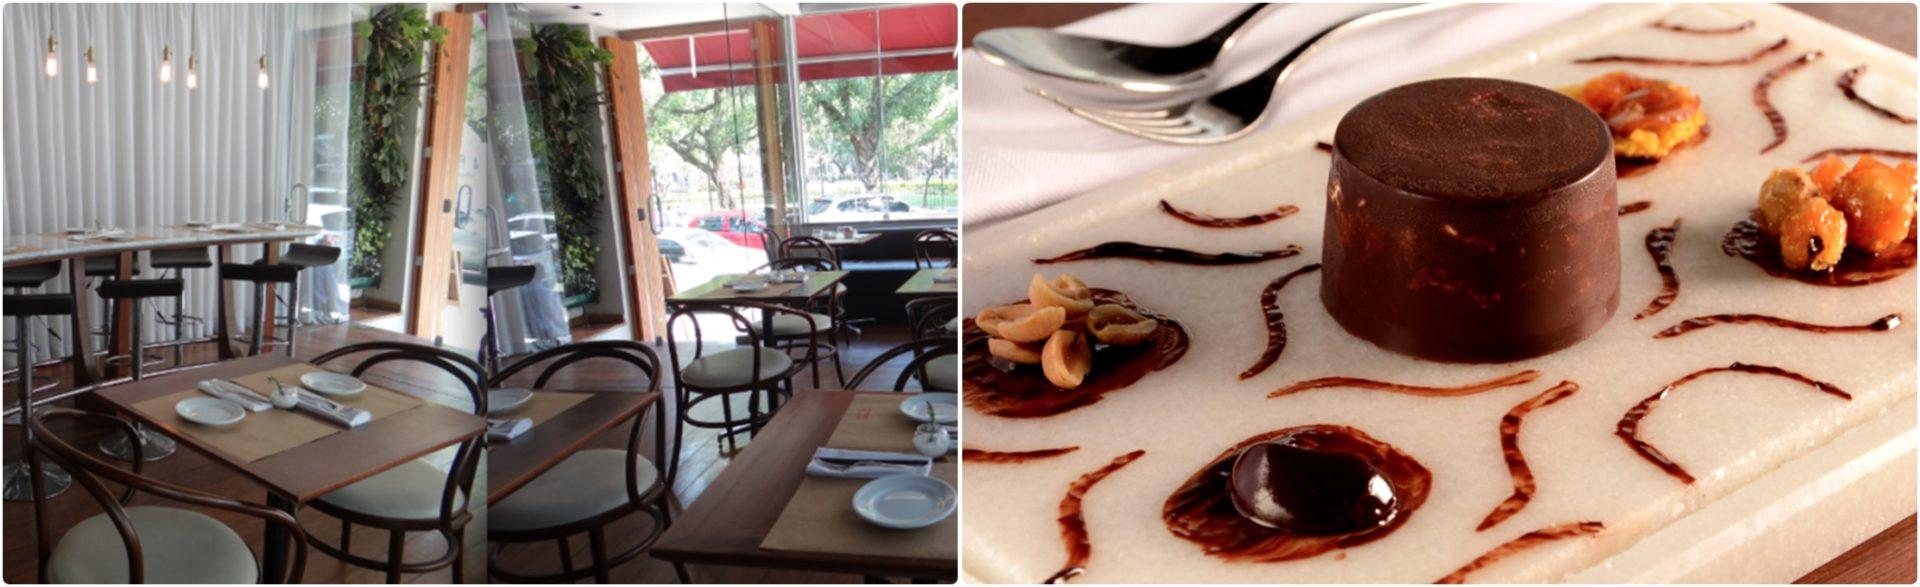 00 Ipanema - 5 restaurantes sofisticados (e descolados) no Rio de Janeiro